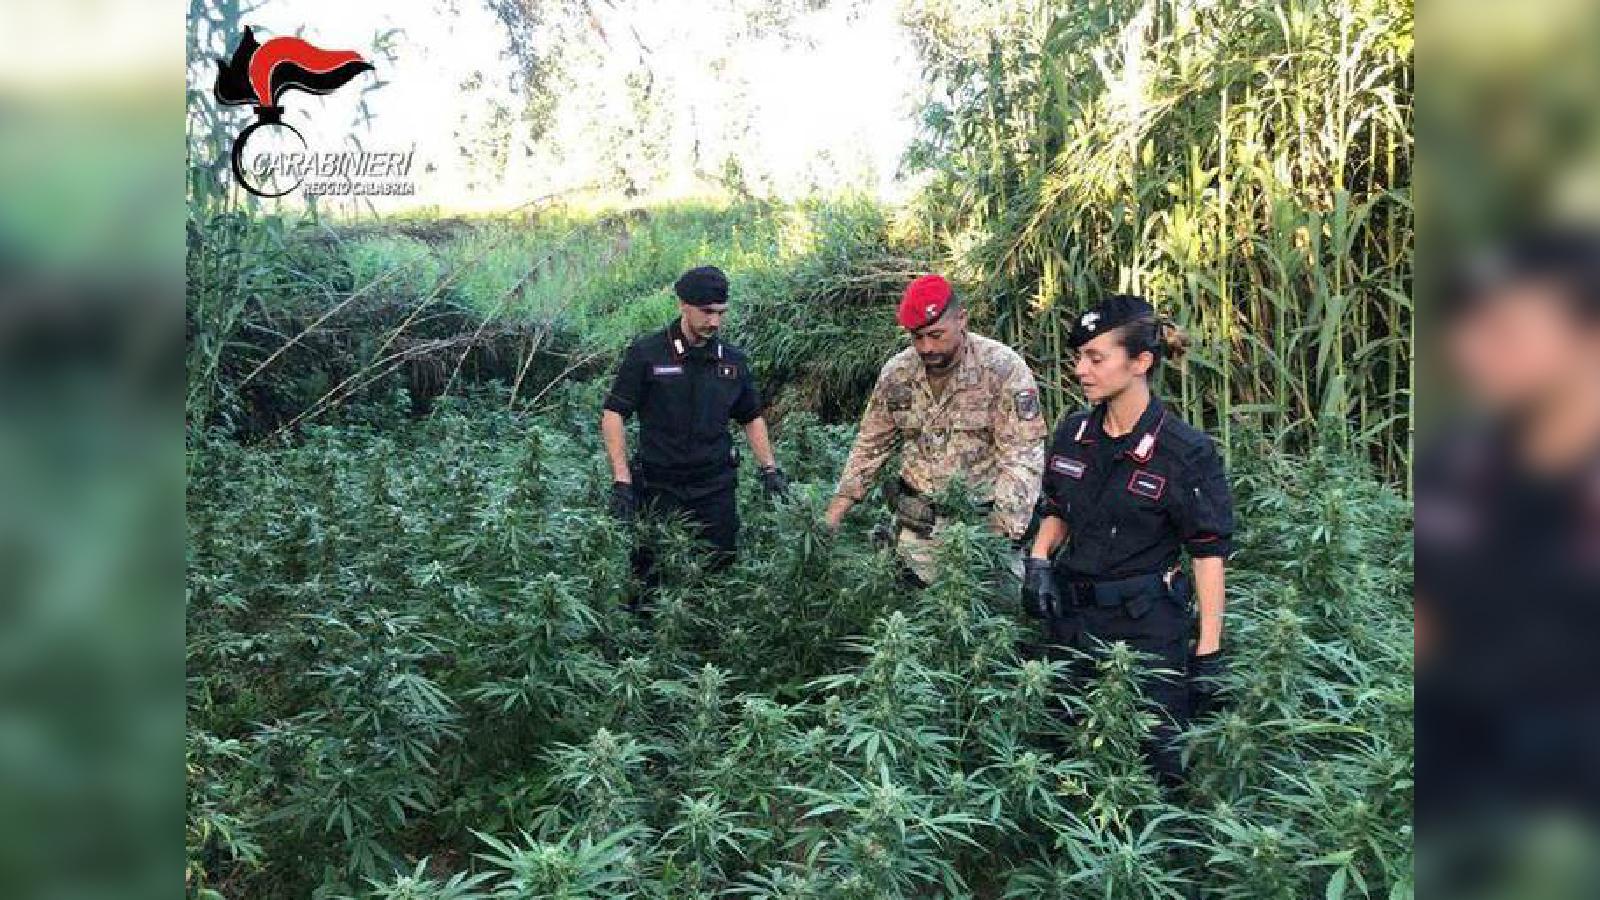 Ennesima piantagione di canapa scoperta nel RegginoUna volta essiccata avrebbe fruttato quasi un milione di euro